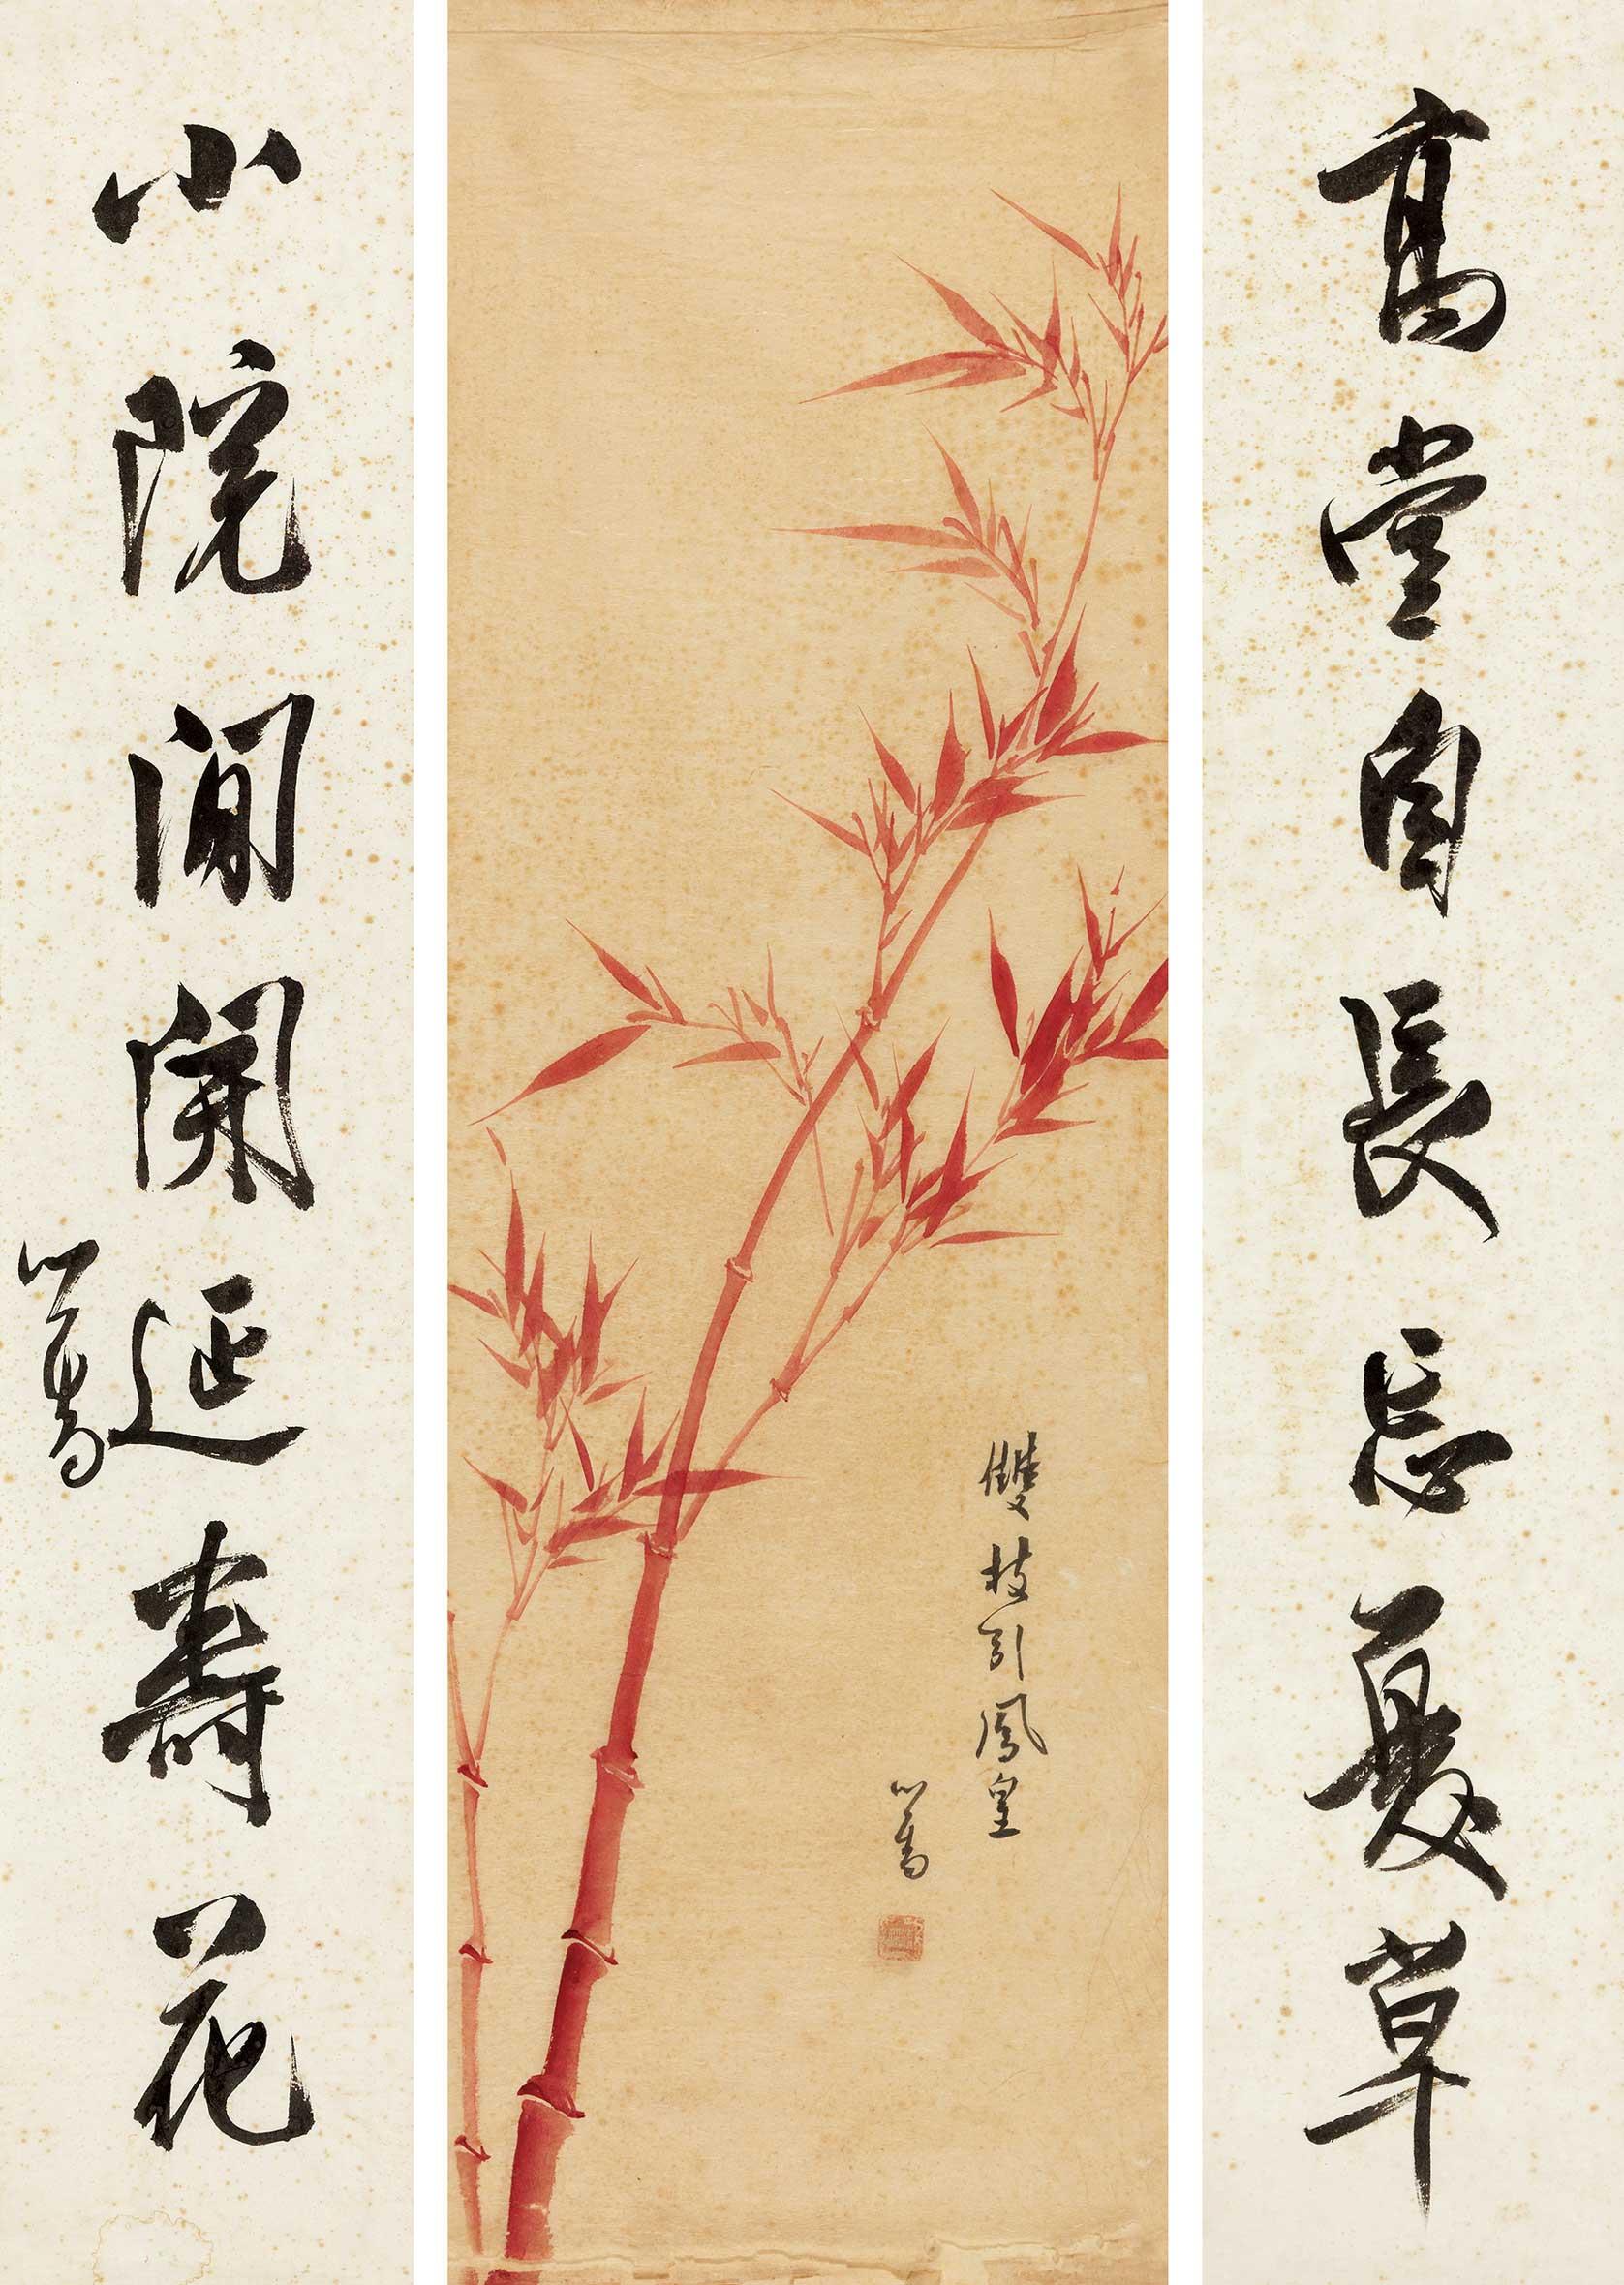 溥儒-朱竹图,行书七言诗